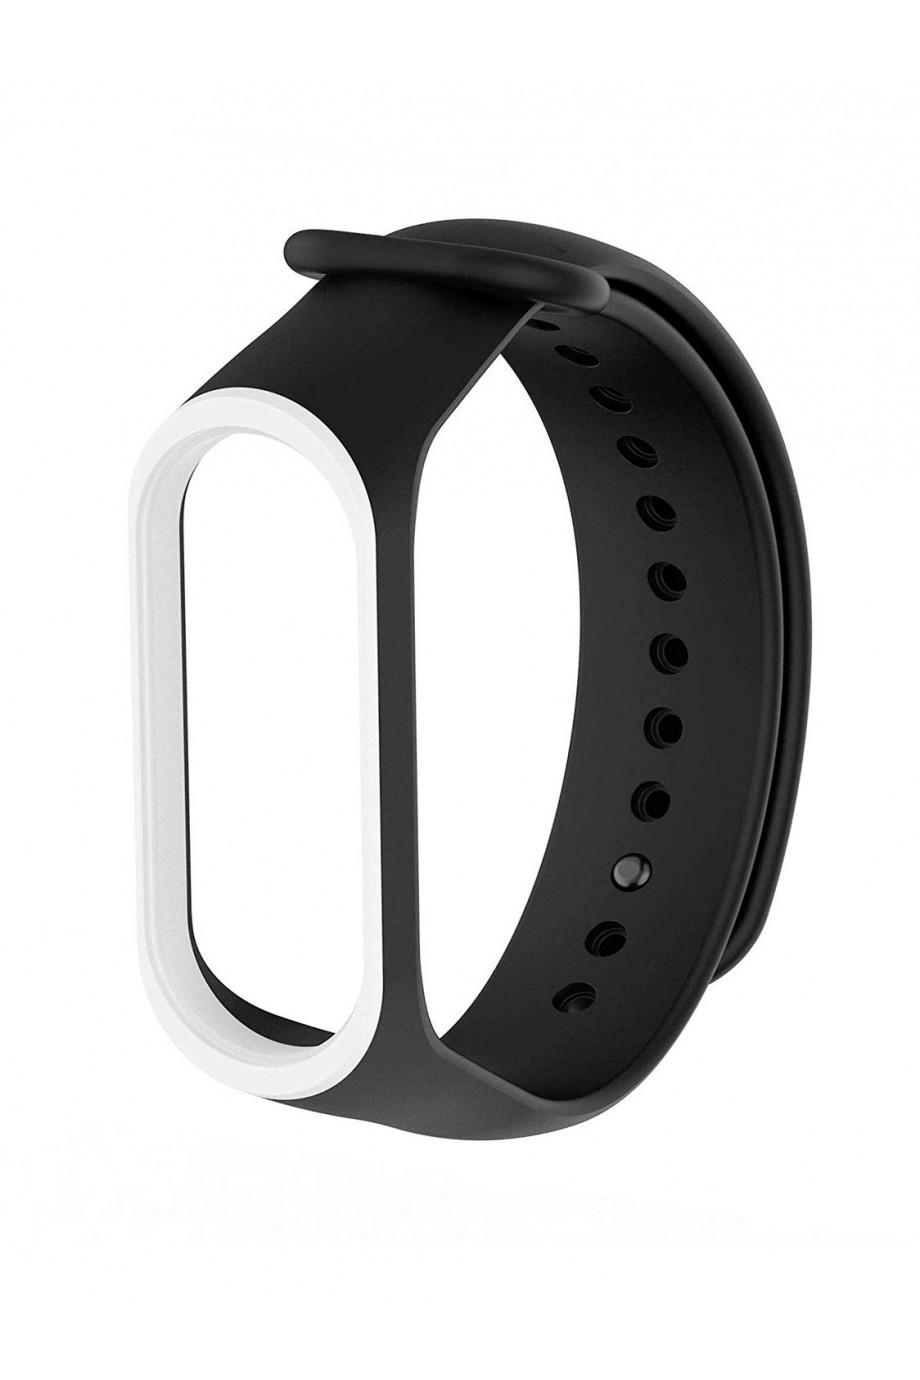 Силиконовый ремешок для Xiaomi Mi Band 3, черный с белой окантовкой